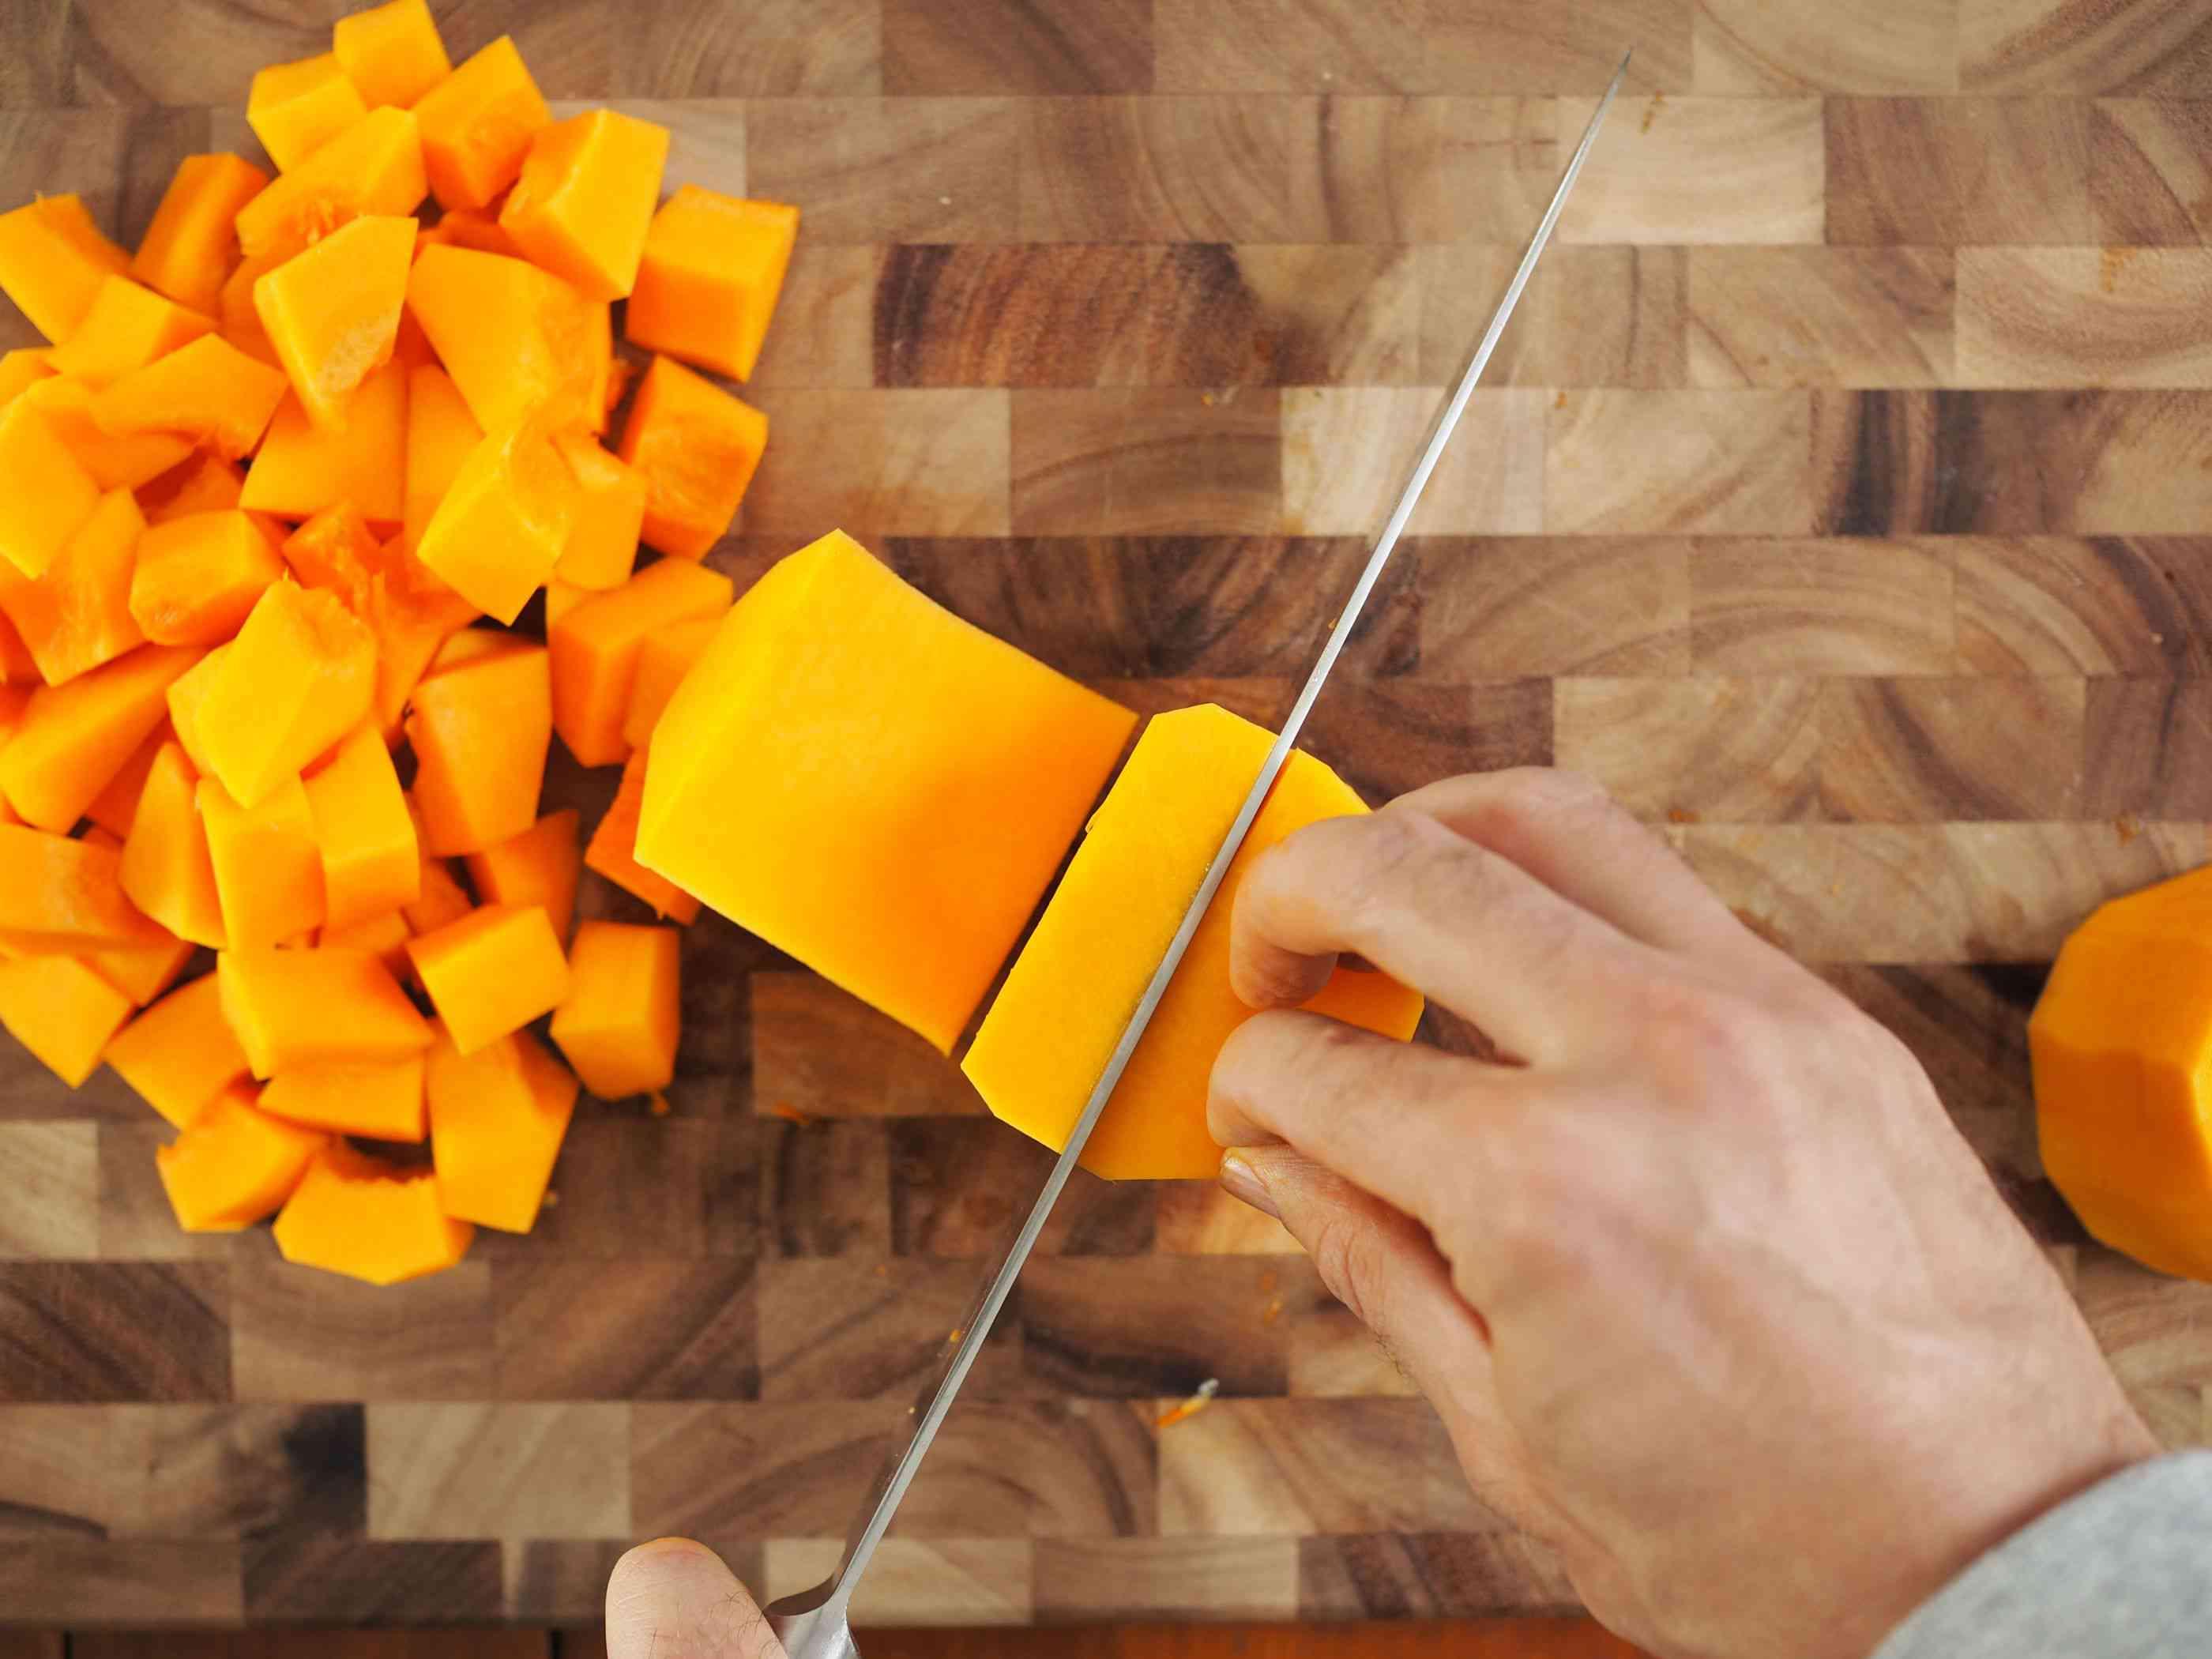 20141008-knife-skills-butternut-squash-daniel-gritzer25.jpg